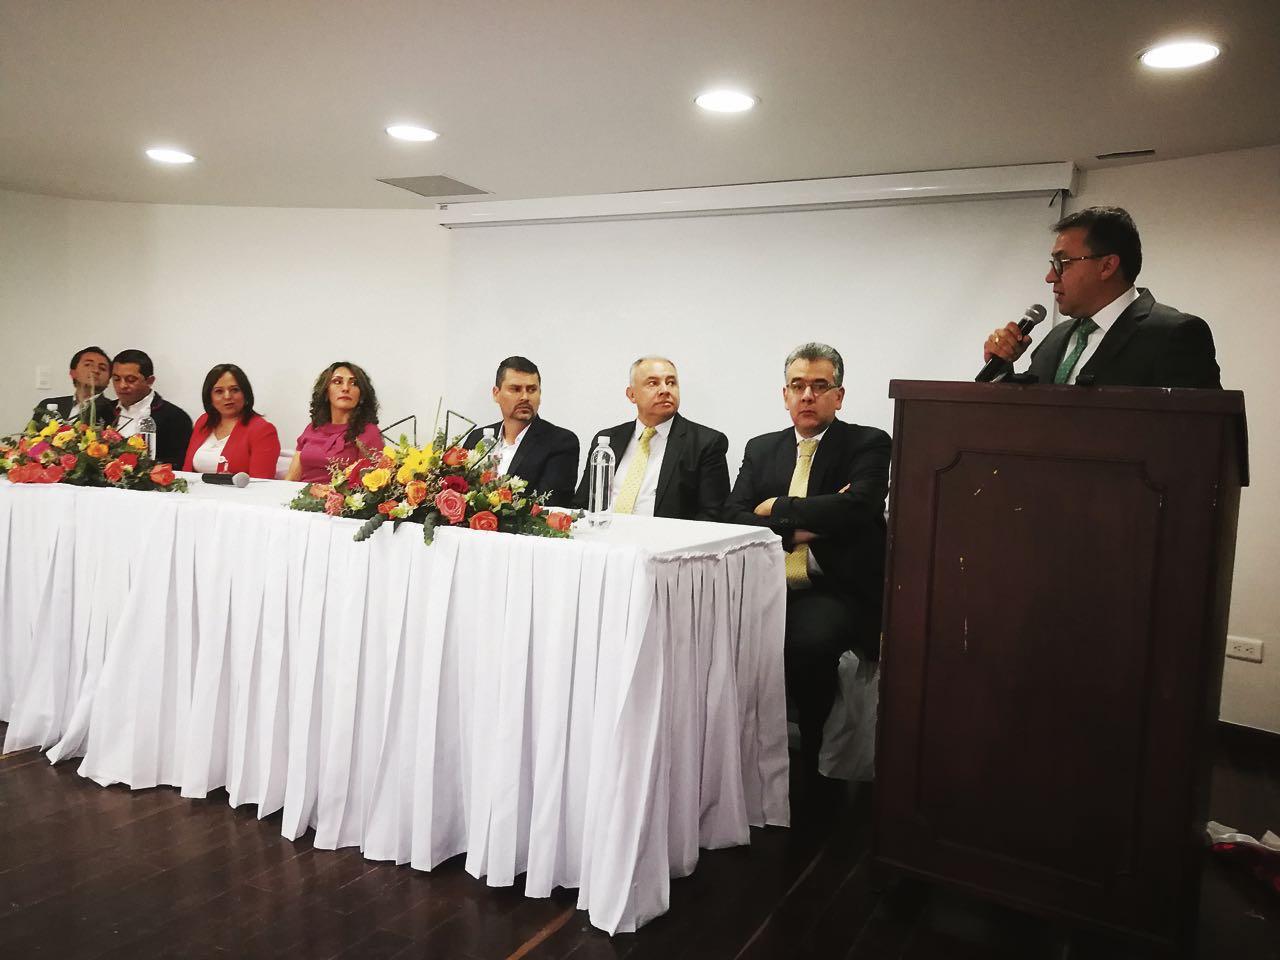 Primer discurso del alcalde electo de Sogamoso, Rigoberto Alfonso Pérez, ante los nuevos concejales